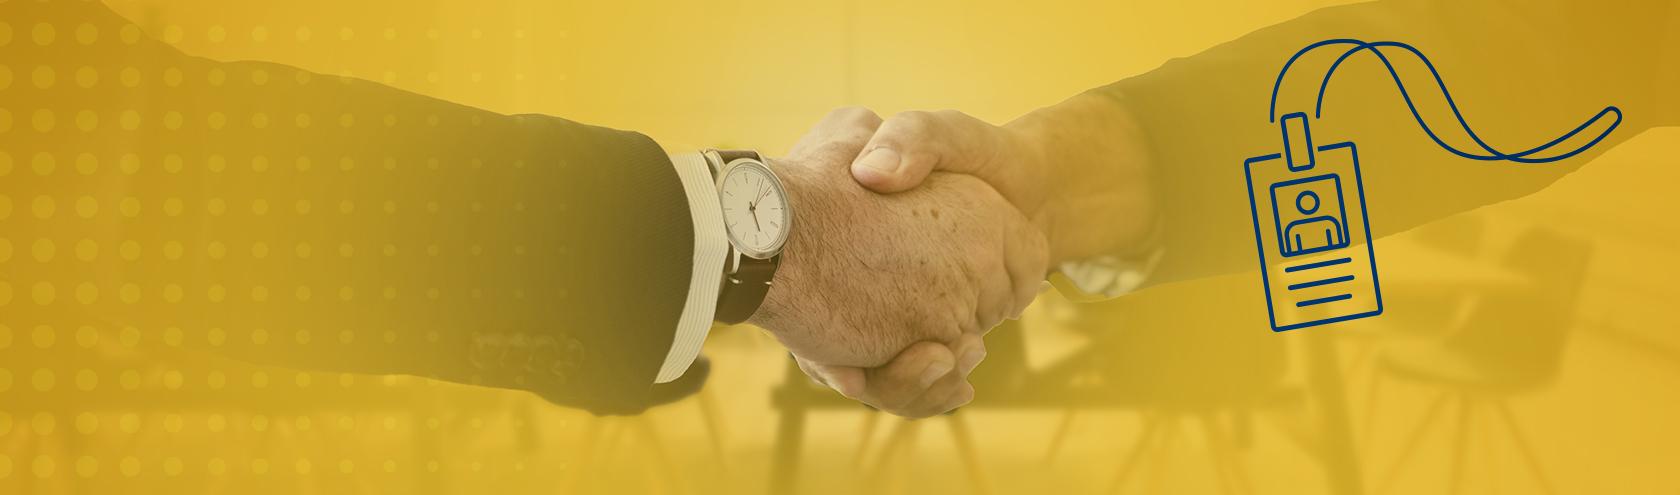 Isenção de encargos trabalhistas atrai empresas para a contratação de estagiários